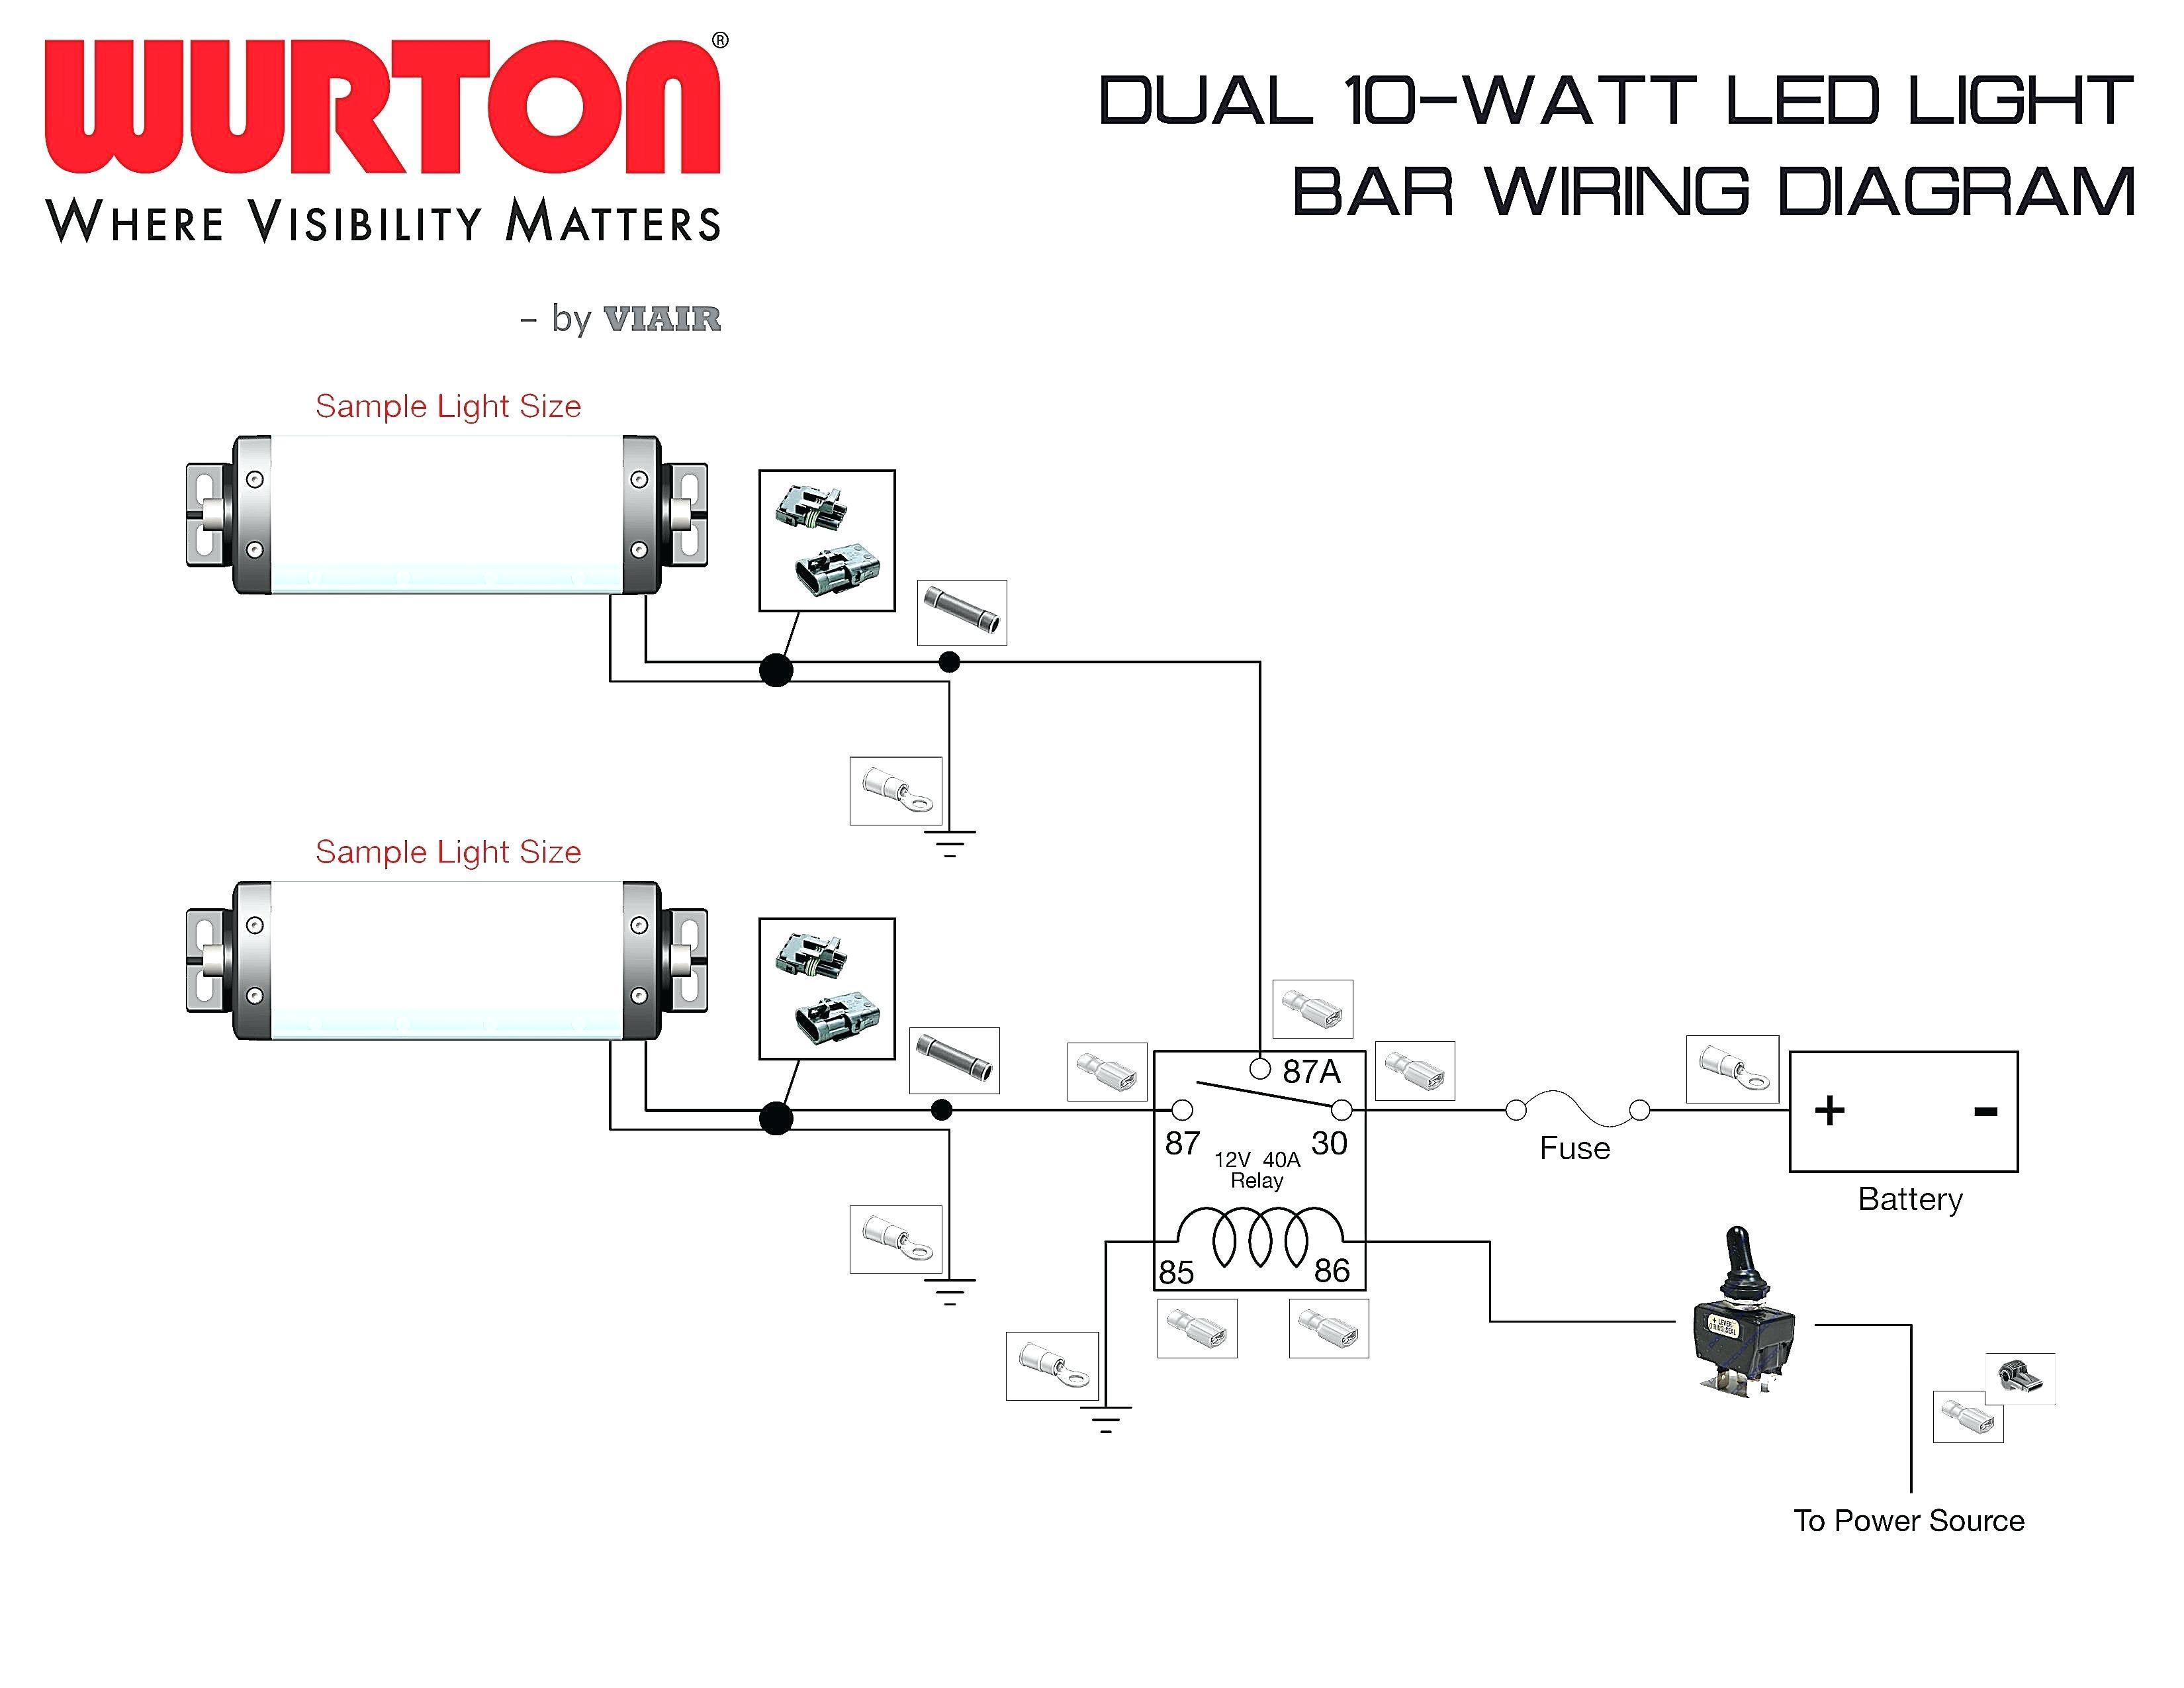 arduino wiring diagram sample unique true relay wiring diagramsarduino wiring diagram sample unique true relay wiring